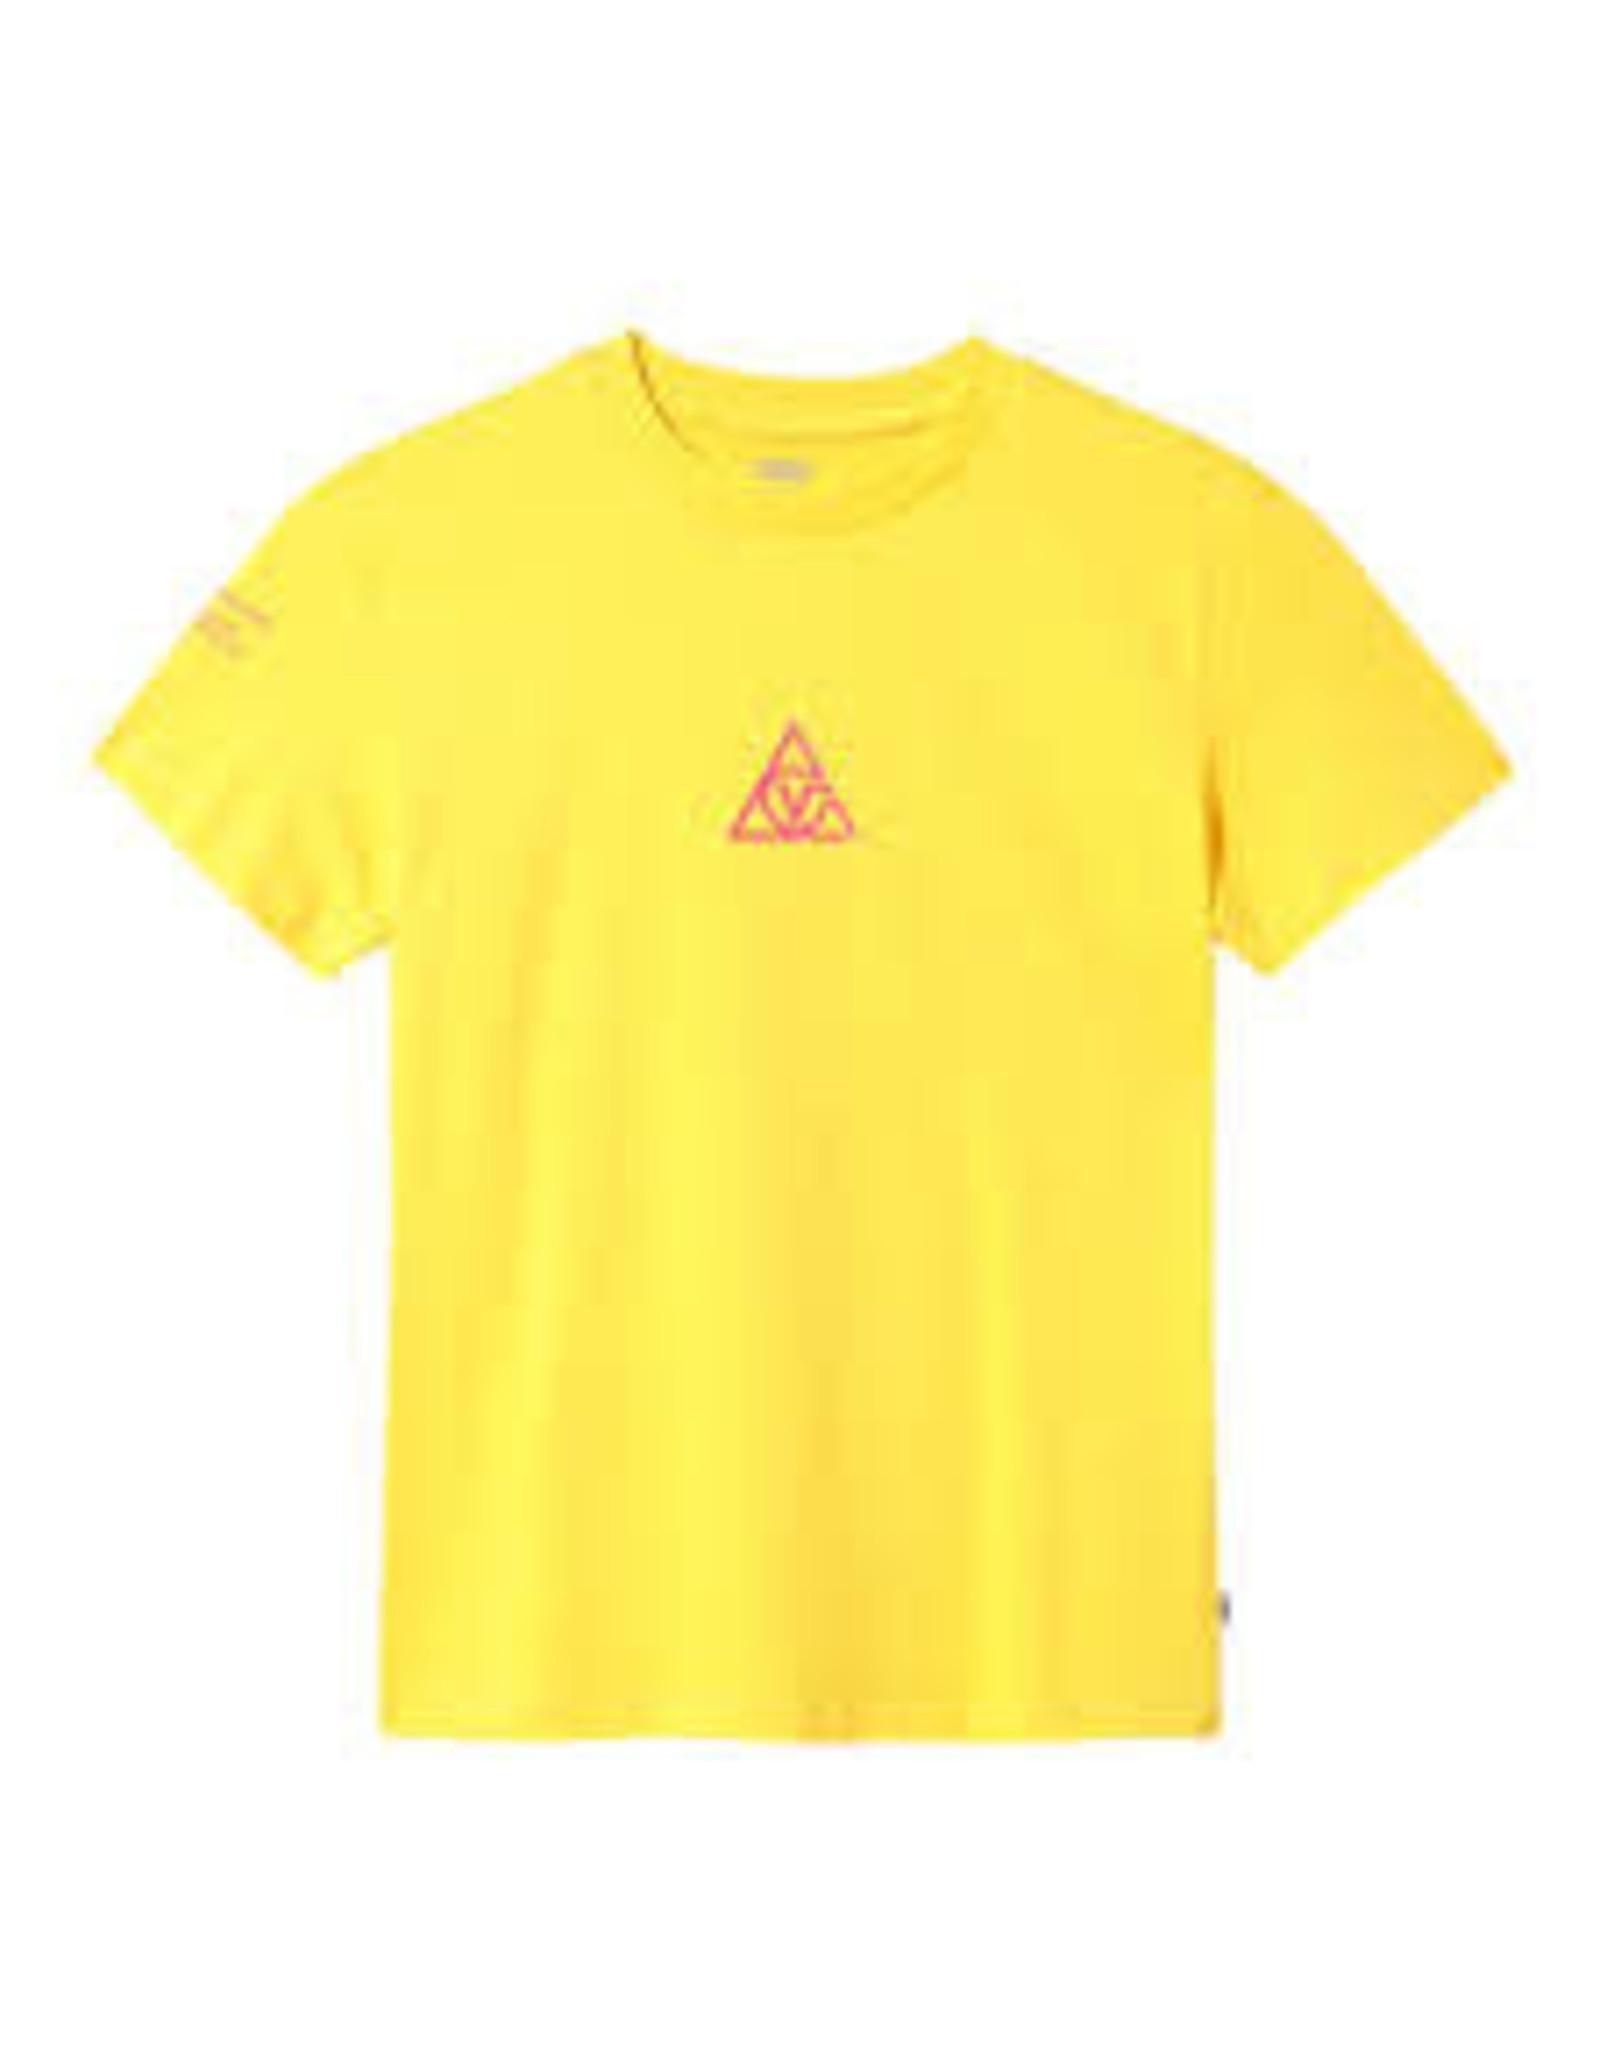 vans Vans - T-shirt femme 66 supply tri bf lemon chrome